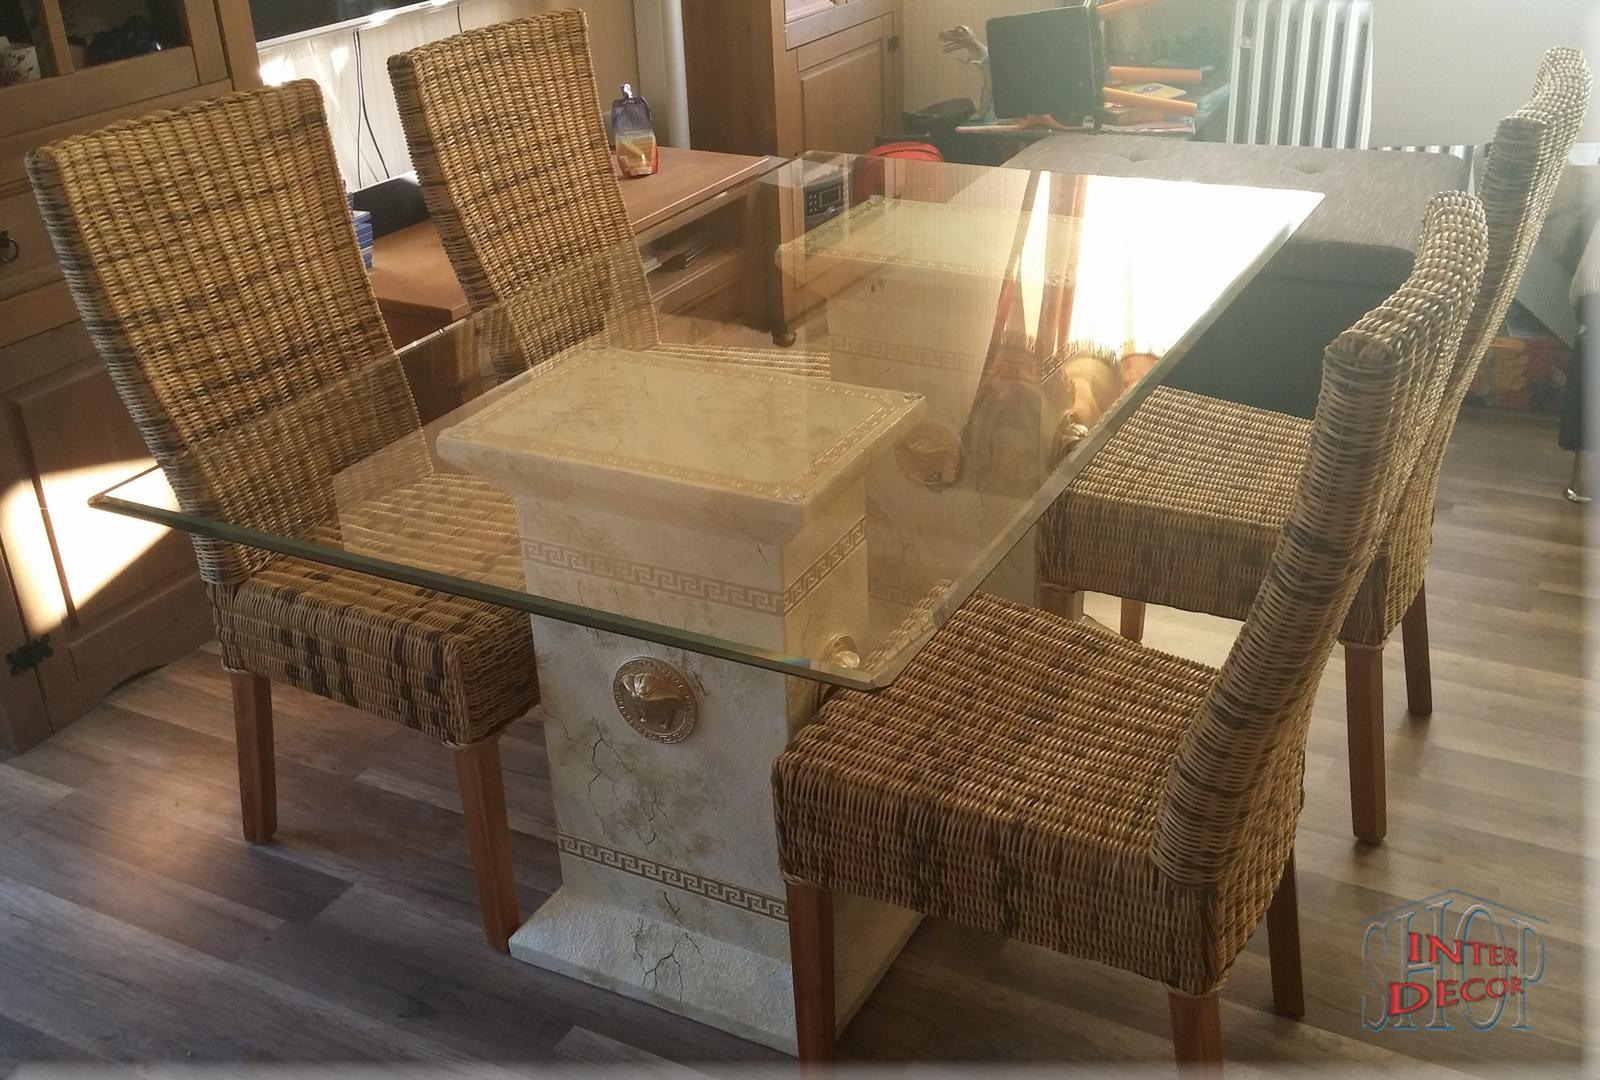 designer esstisch medusa b rom bel tisch glastisch m ander marmor optik 140 cm ebay. Black Bedroom Furniture Sets. Home Design Ideas